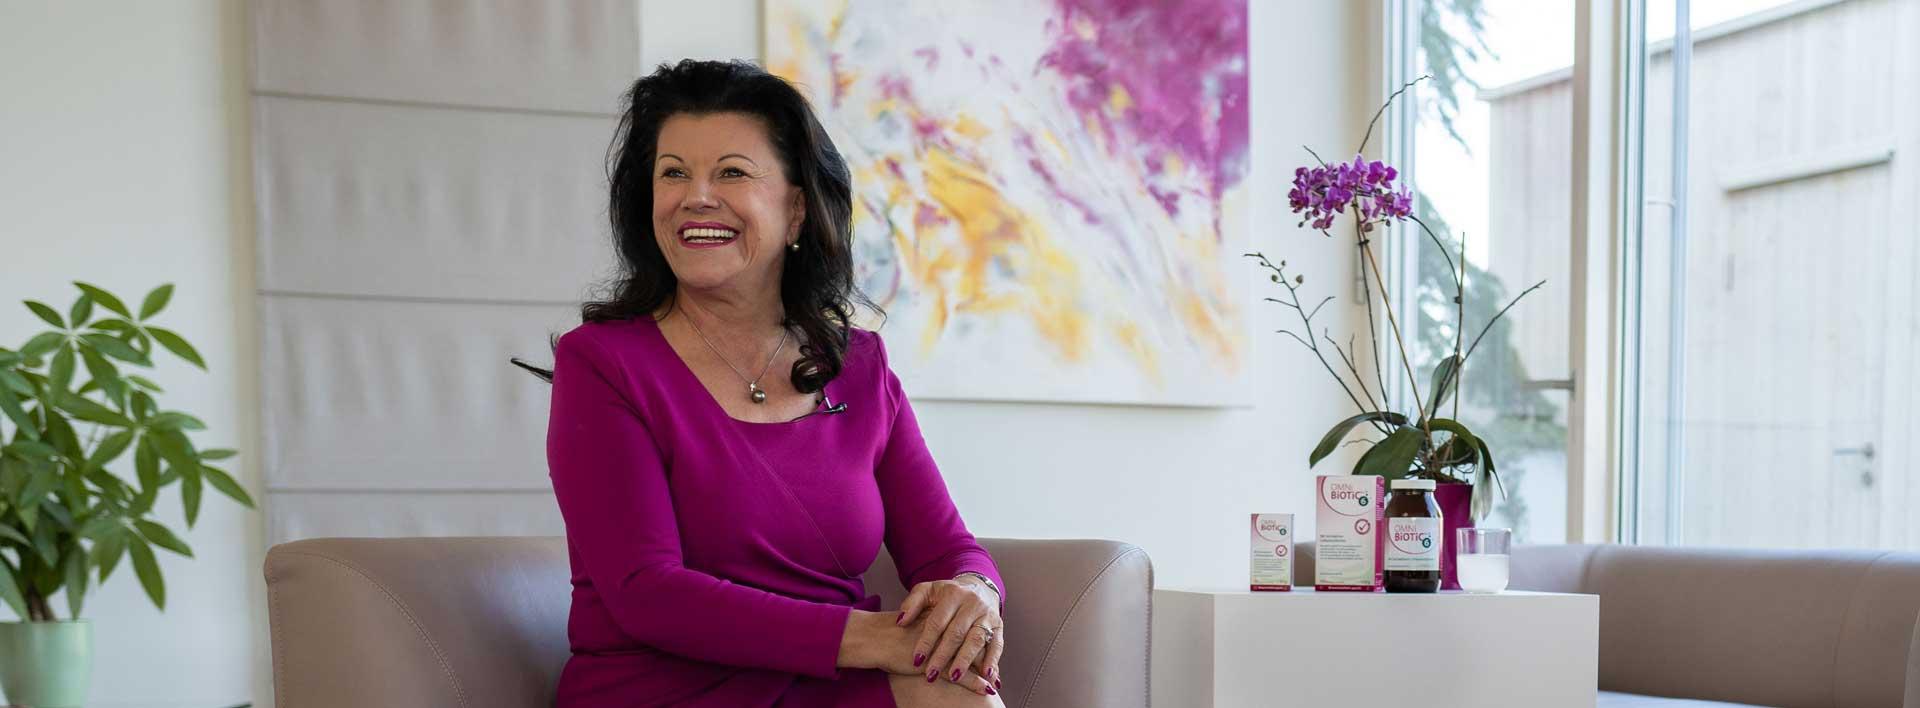 Anita Frauwallner